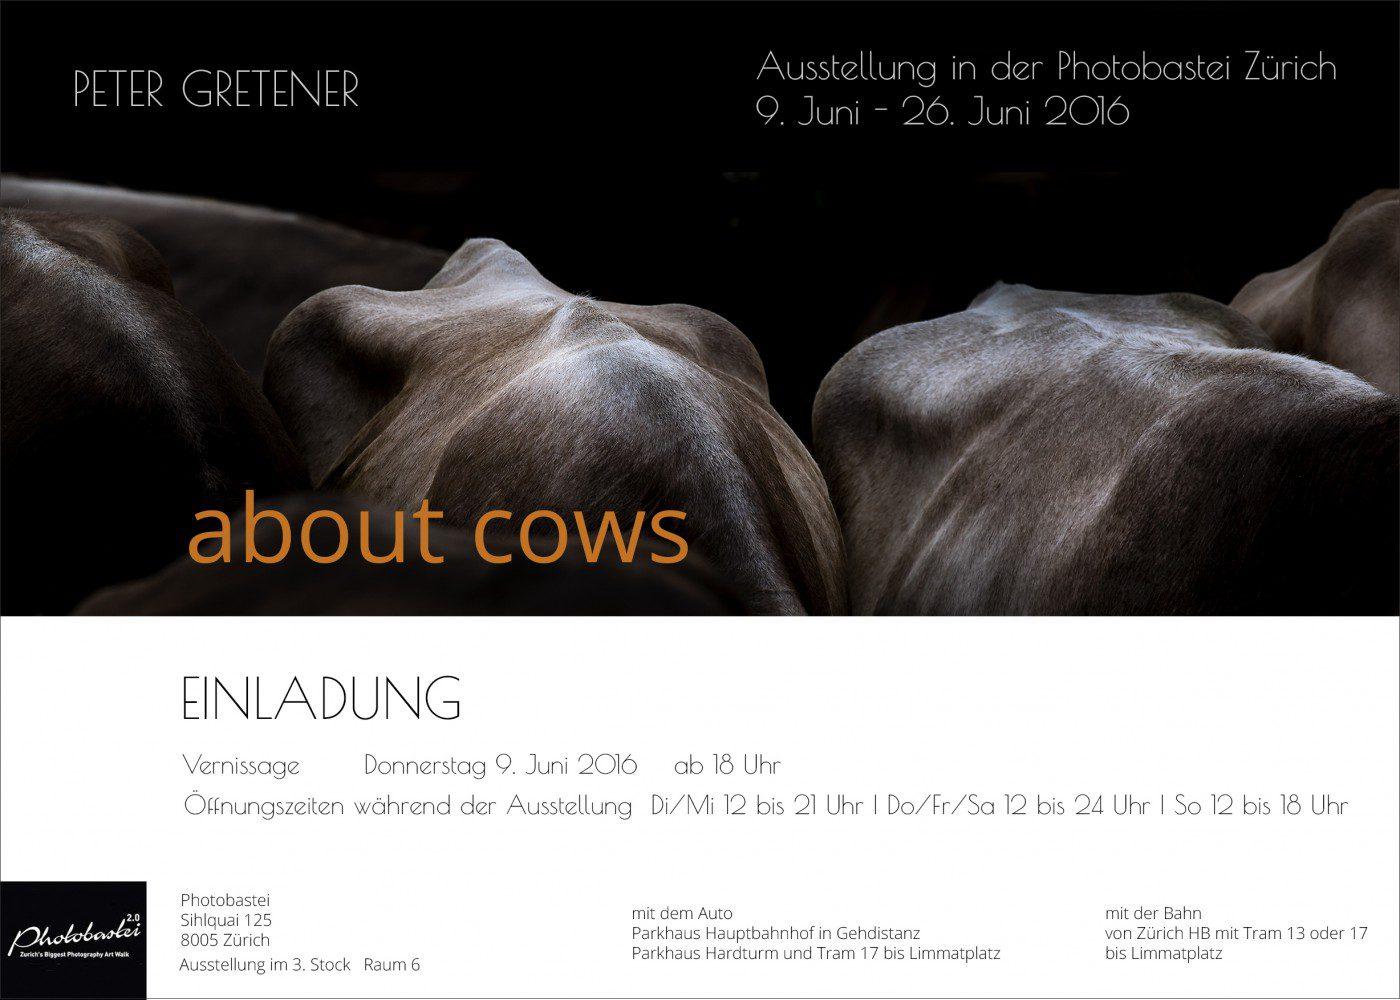 Ausstellung Photobastei Zürich